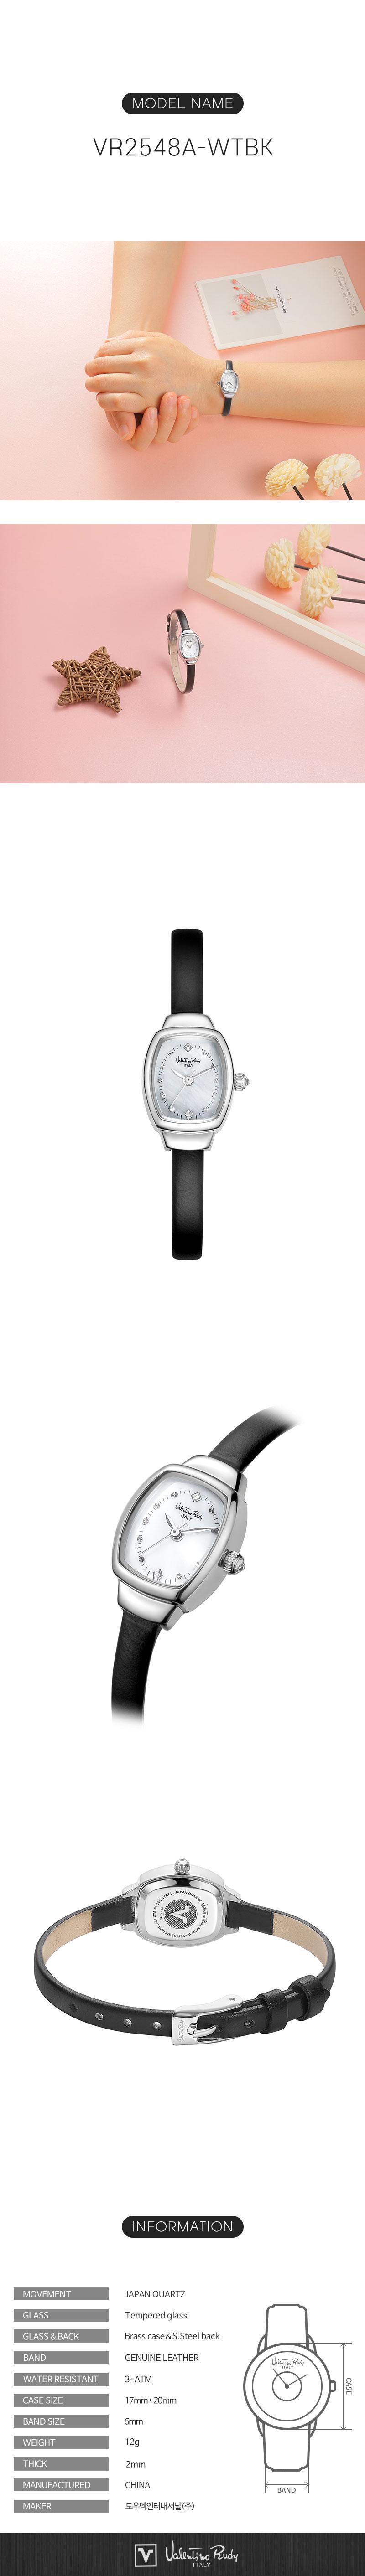 발렌티노 루디(VALENTINO RUDY) VR2548A-WTBK 여자시계 가죽시계